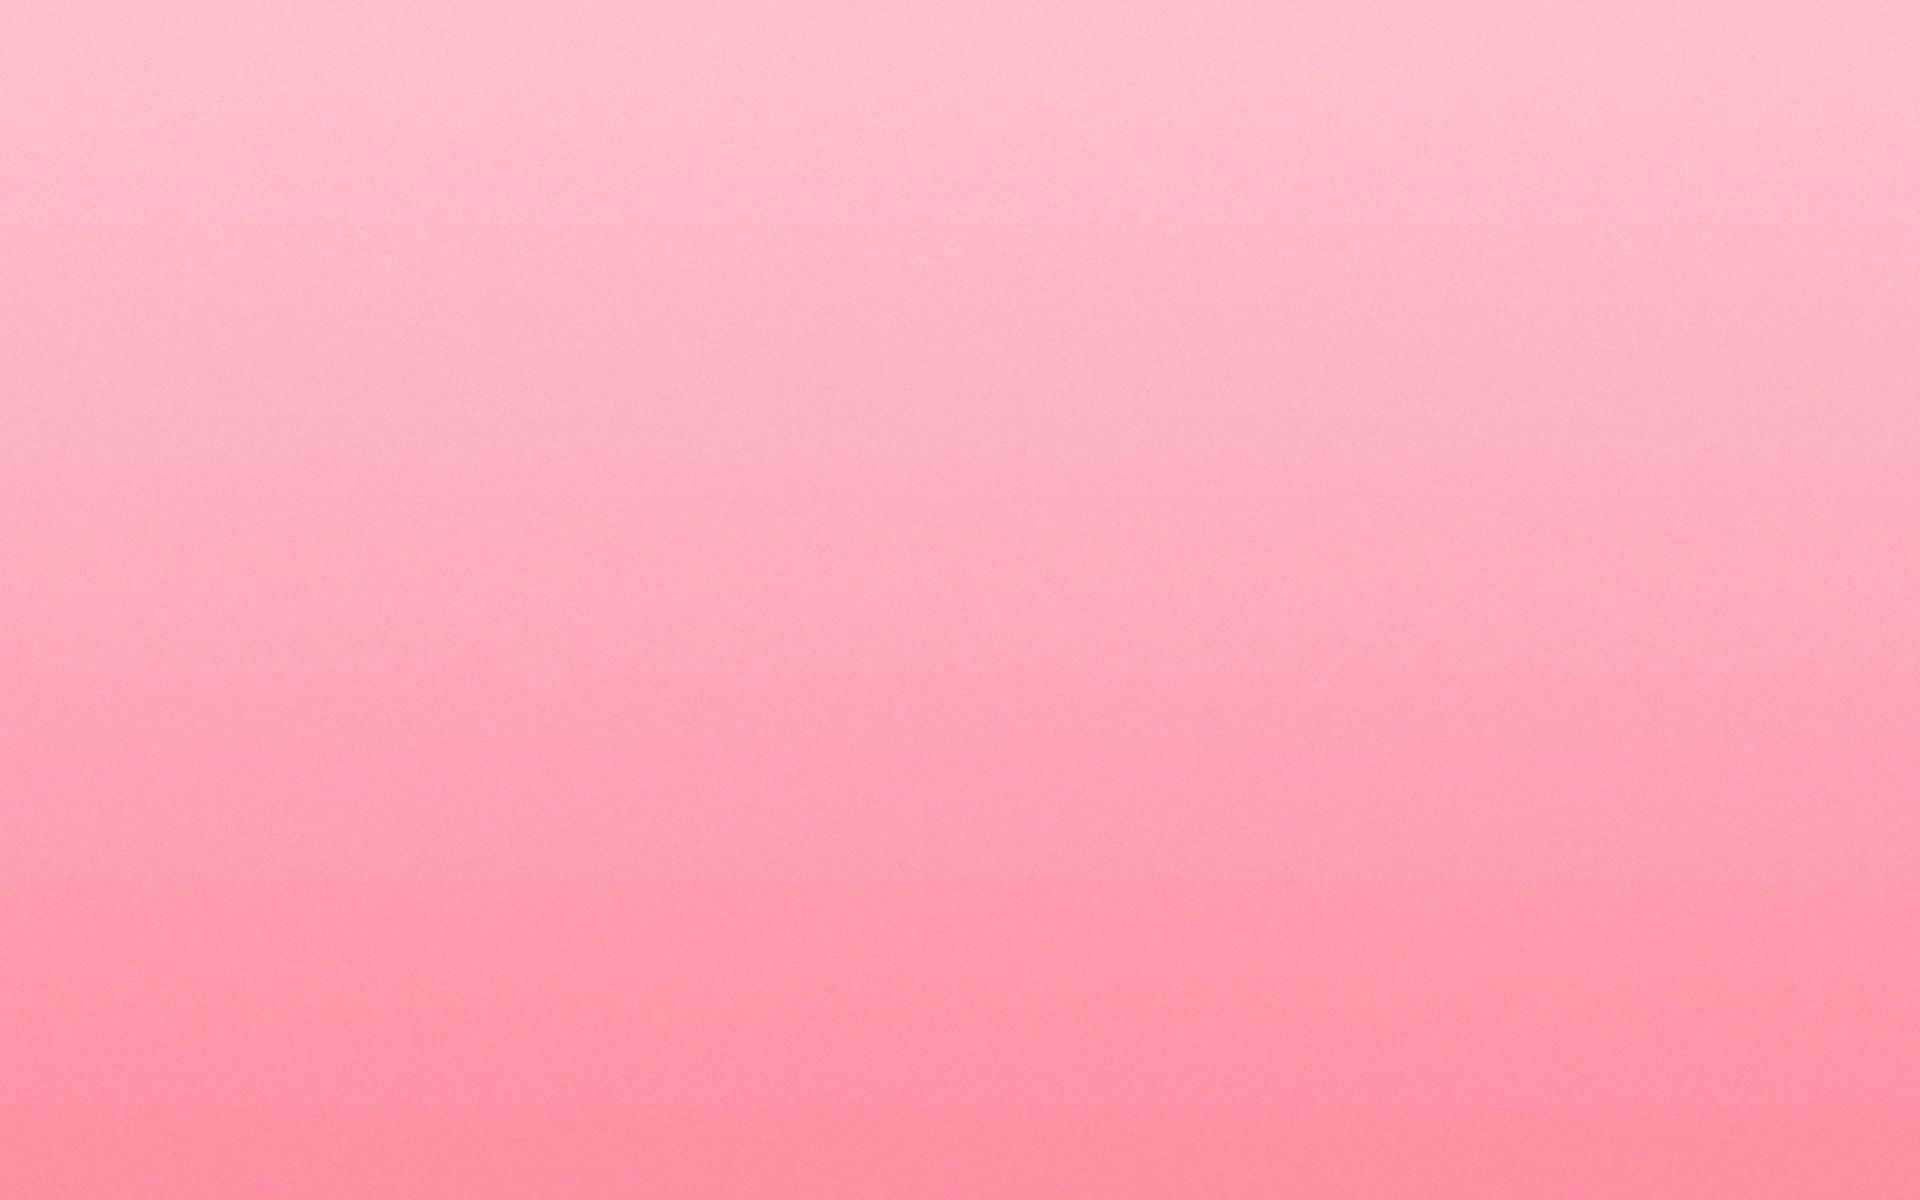 герба фон разных цветов без картинок русском переводе она